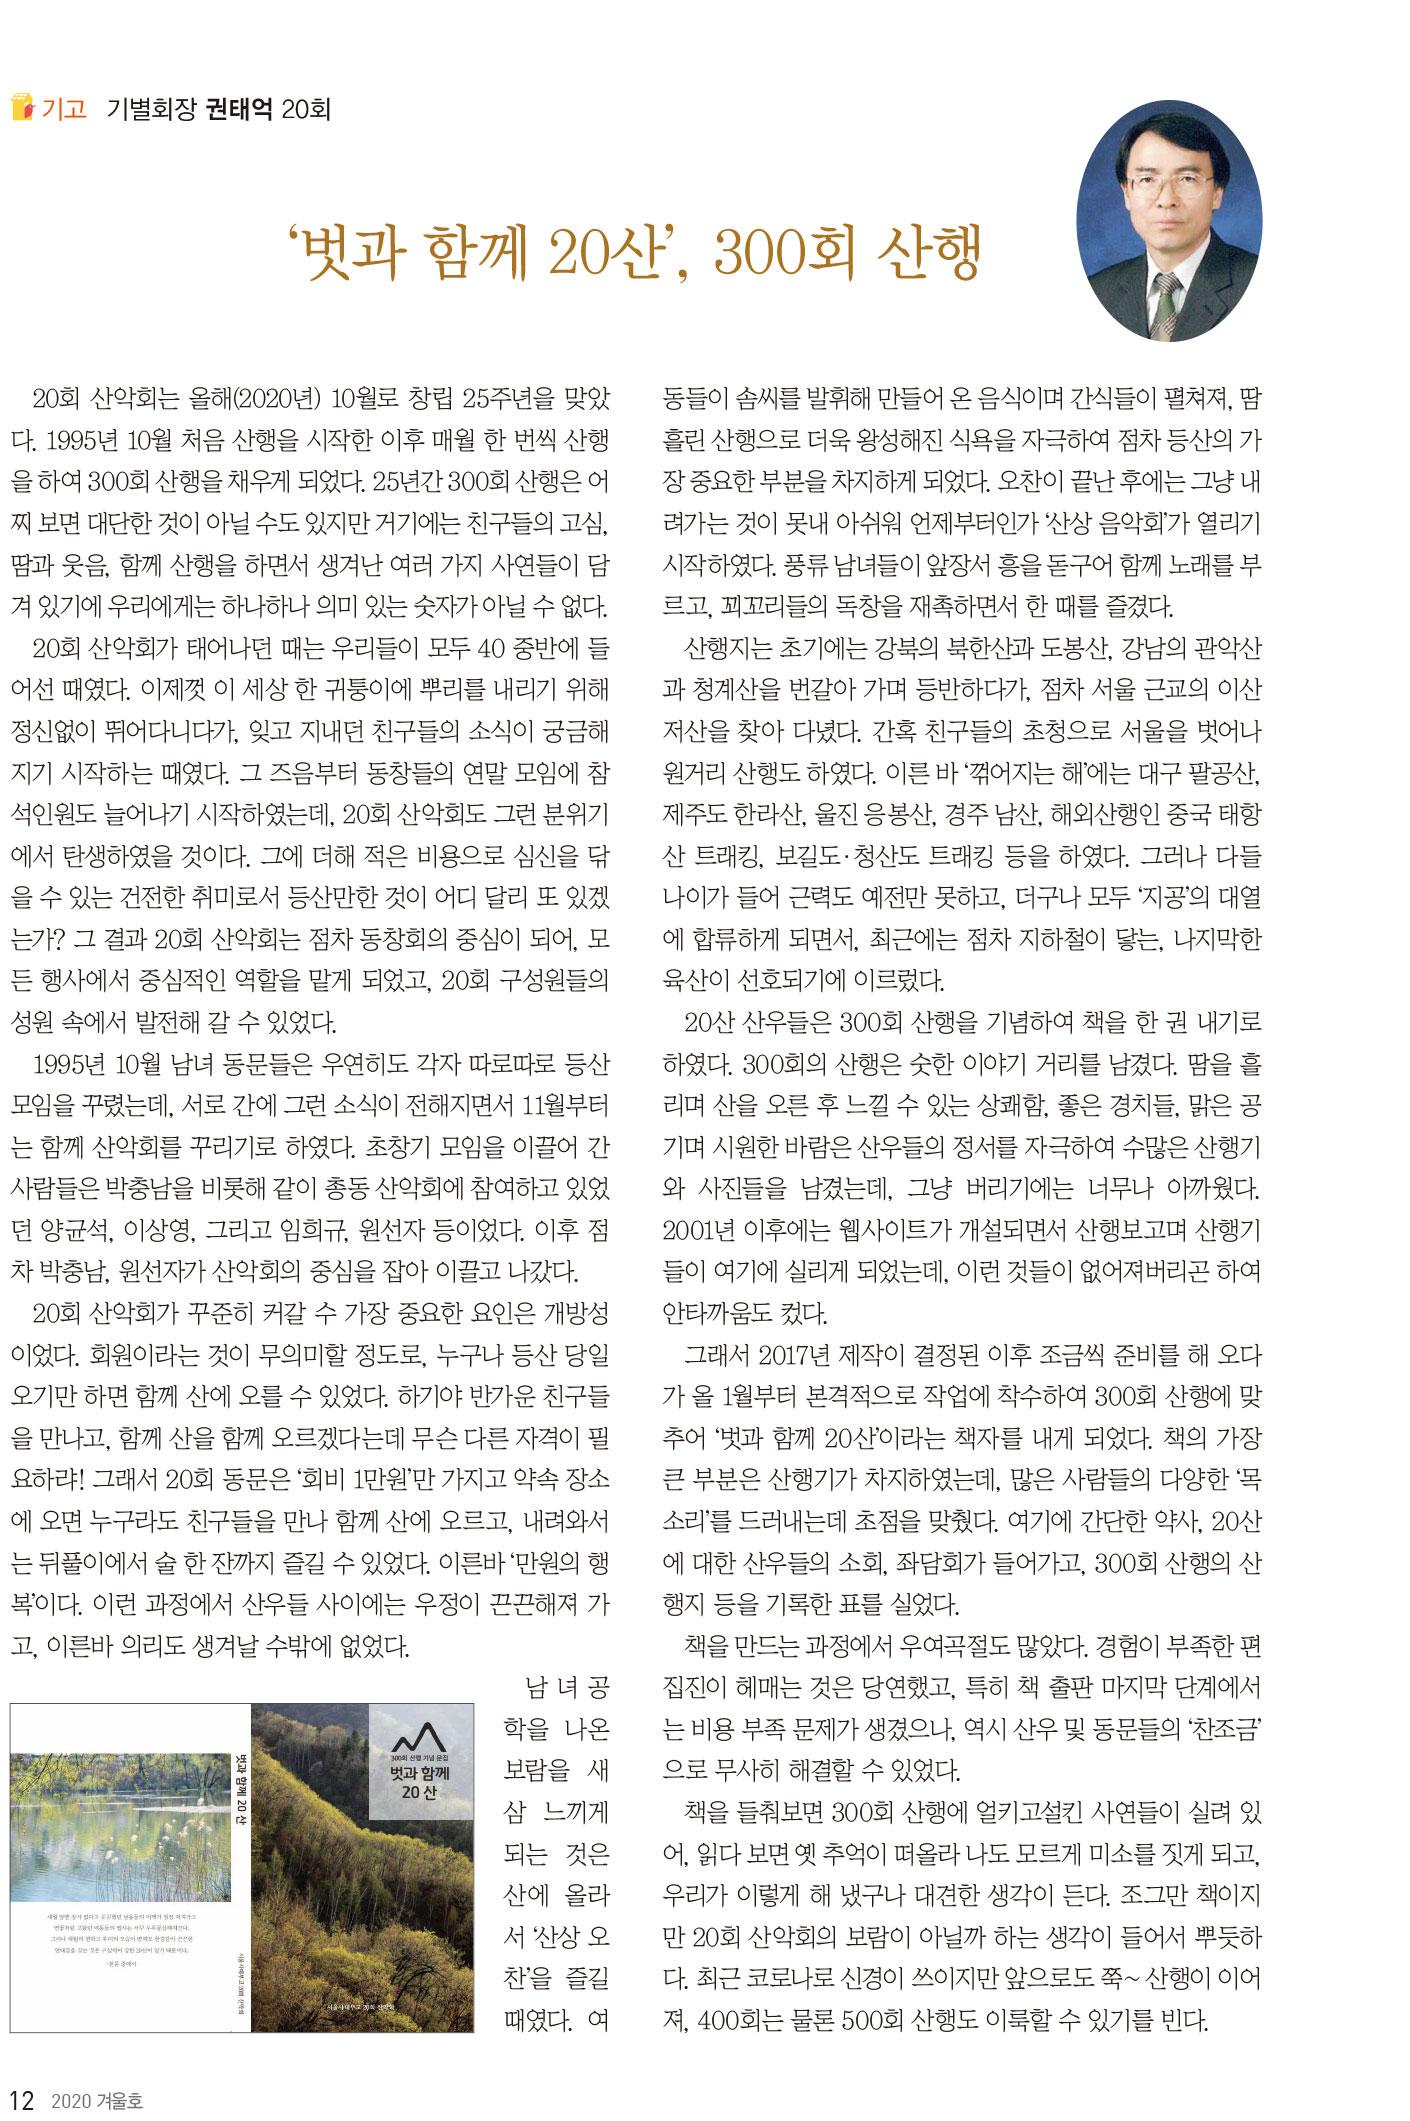 서울사대부고-115호-홈페이지-12.jpg